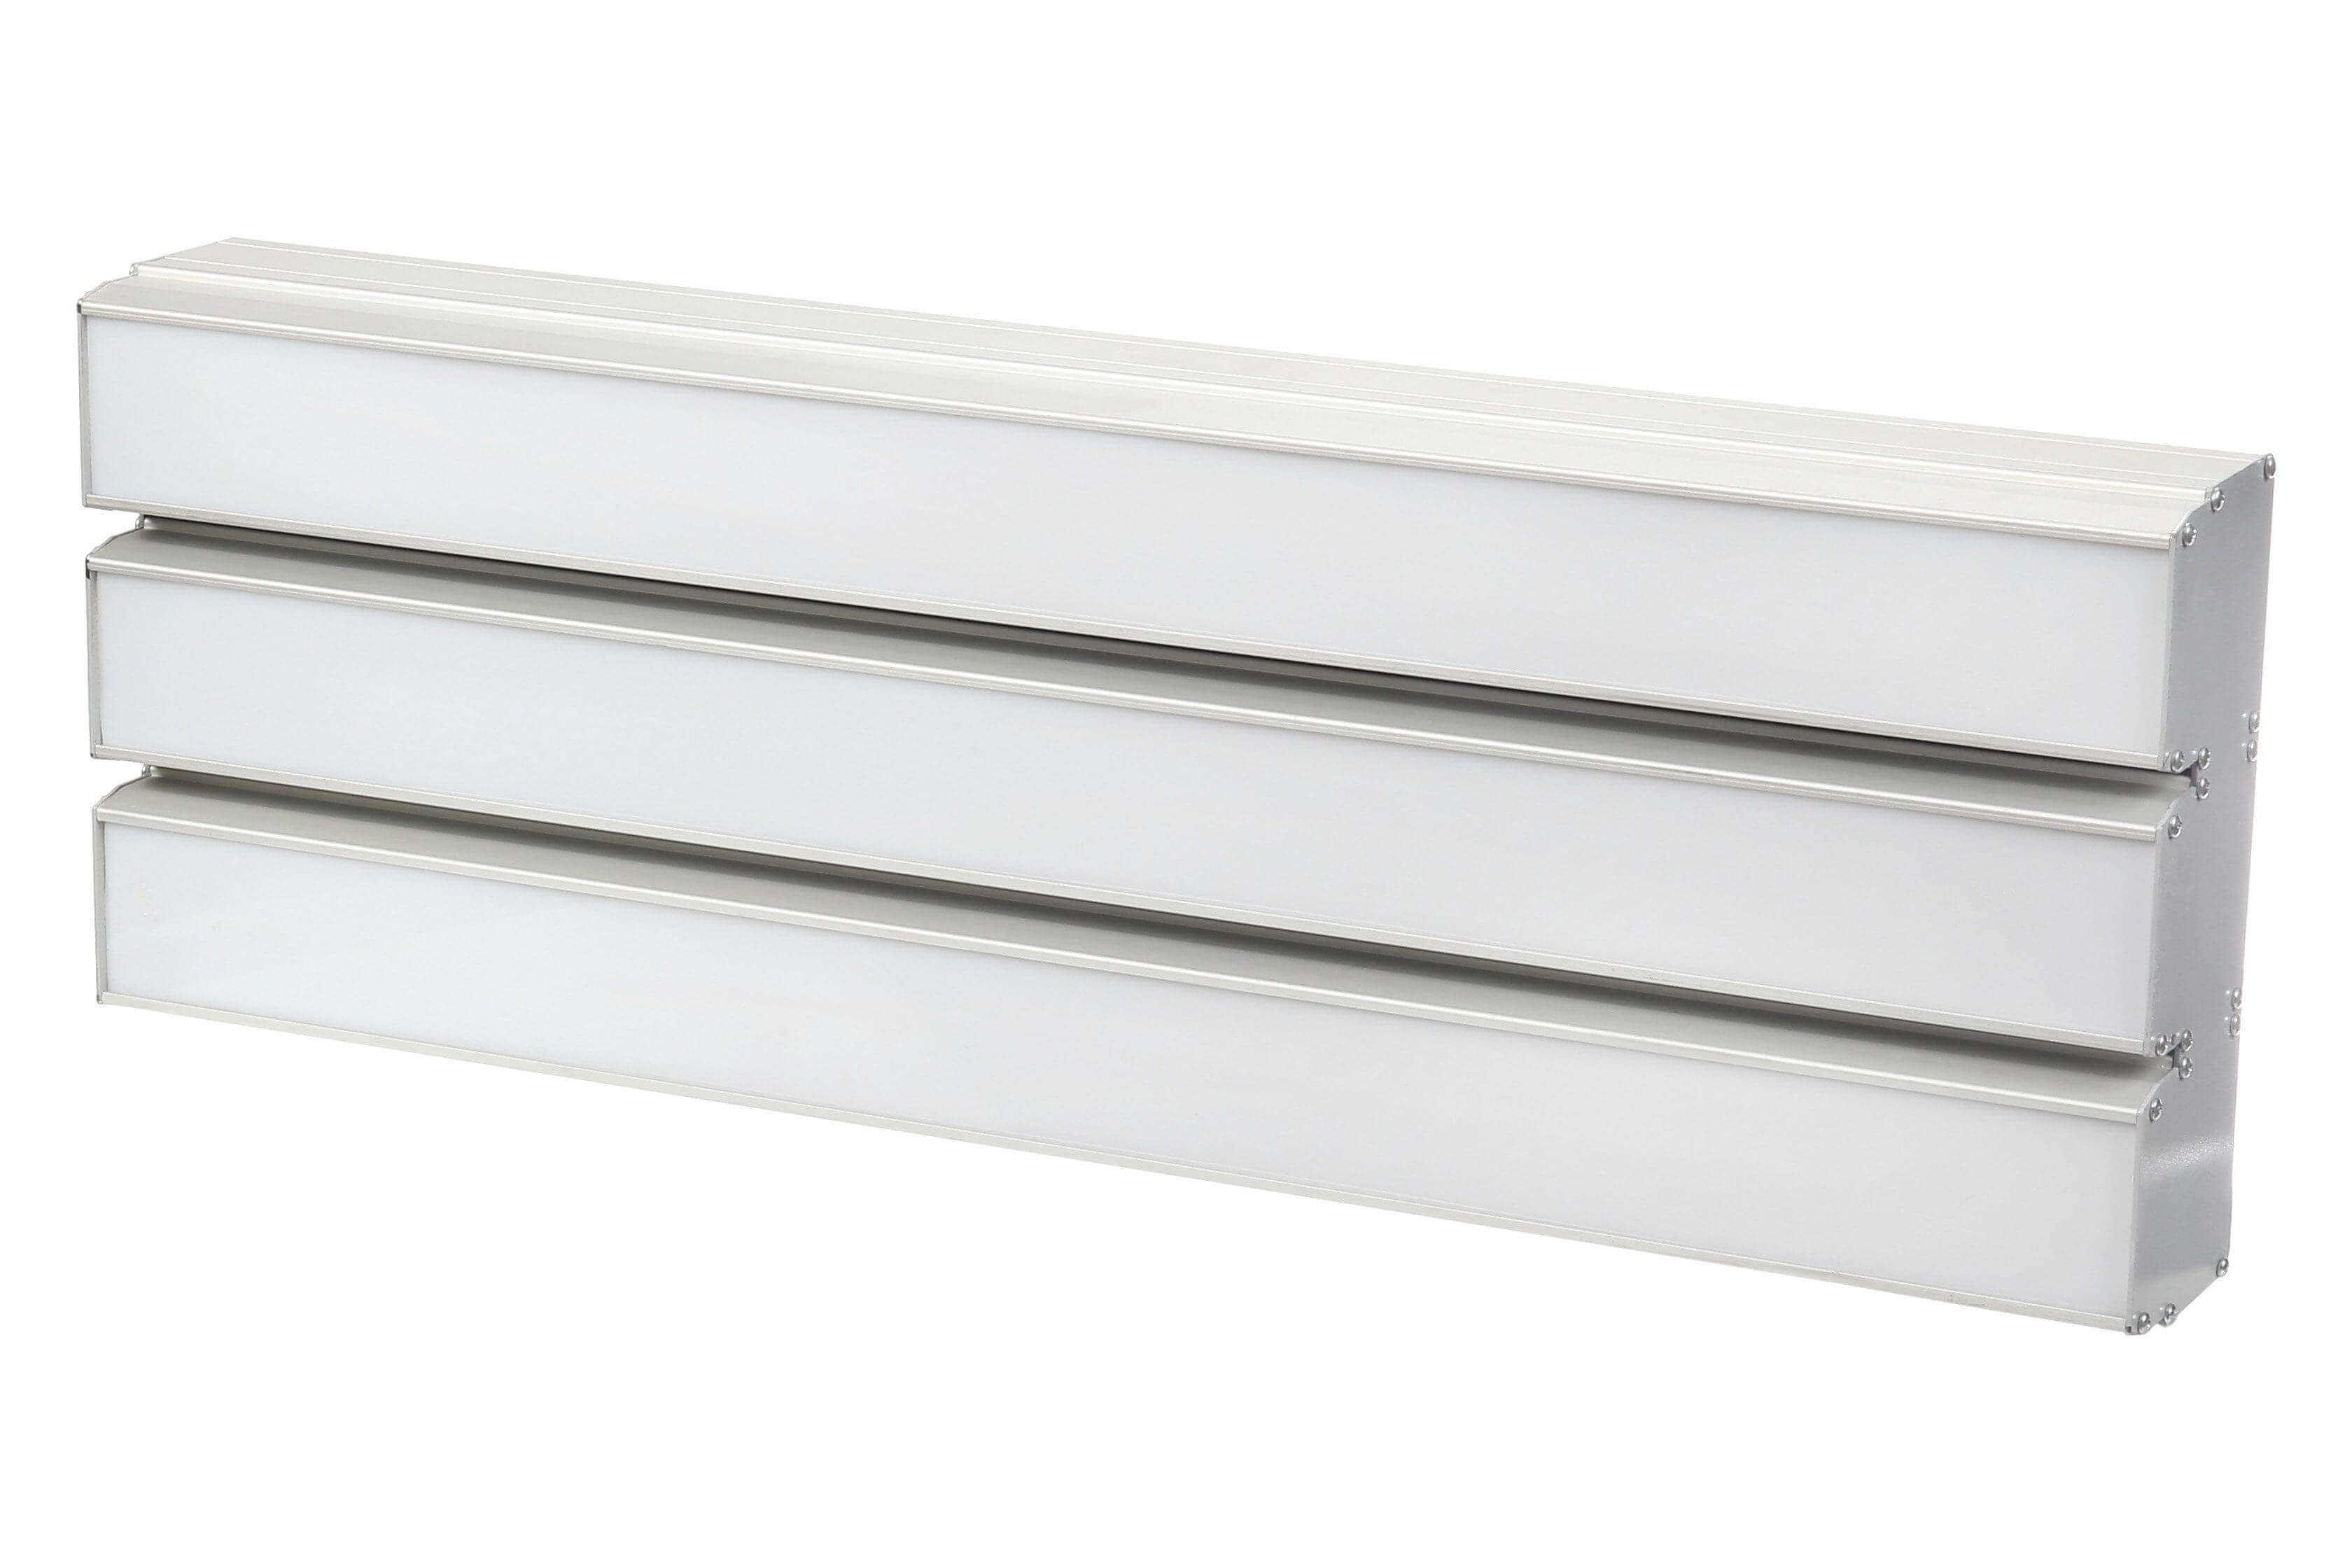 Светодиодный светильник LEDcraft LC-90-3PR-DW 90 Ватт IP20 (897 мм) Нейтральный Опал